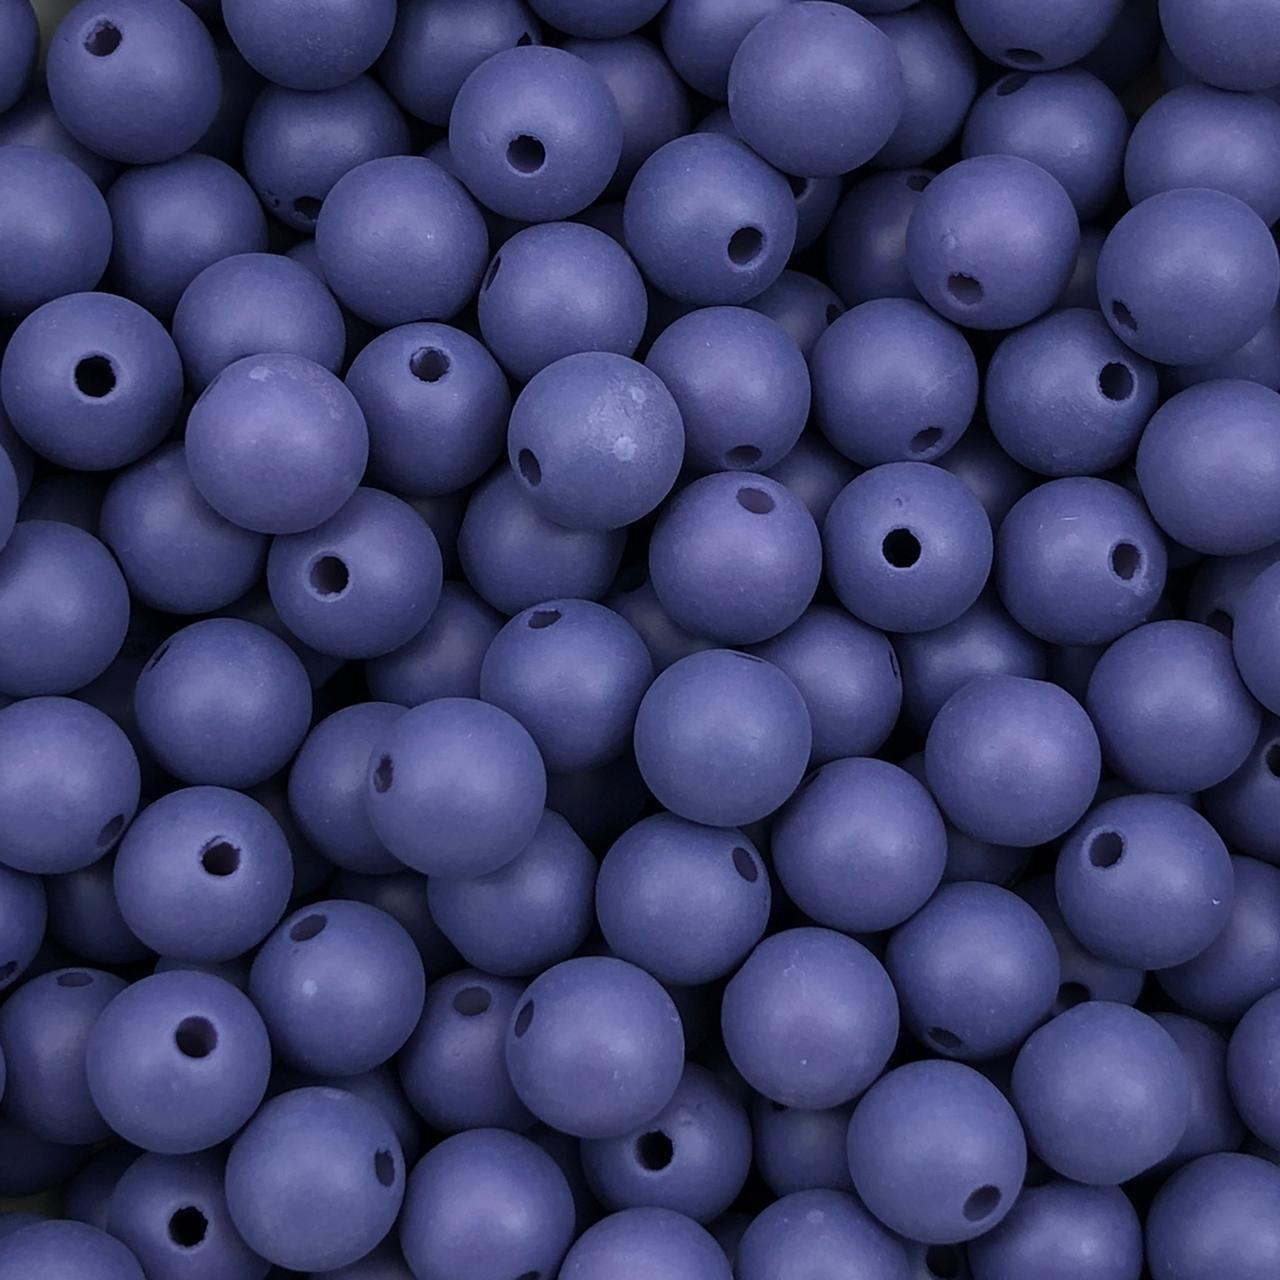 BOL626 - Bola Plástica Fosca Azul 8mm - 20Grs